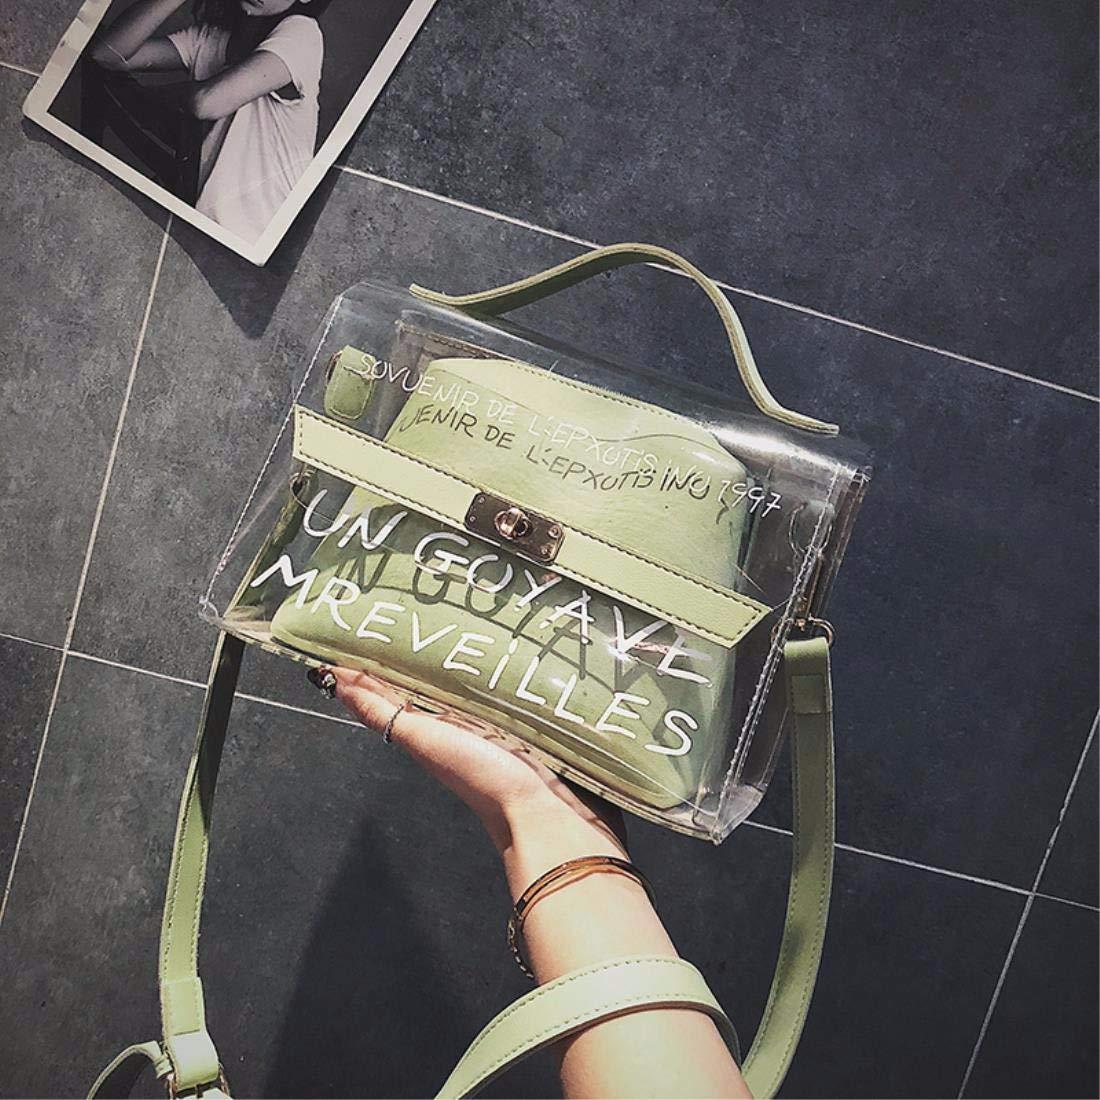 YISANLING-XKB Beutelbeutel-Sommerschulterbeutel-Doppeltasche der Weiblichen Beutelgelee-Paket-Transparenten Tasche Flut B07GXK7YC4 Umhngetaschen Mittlere Kosten